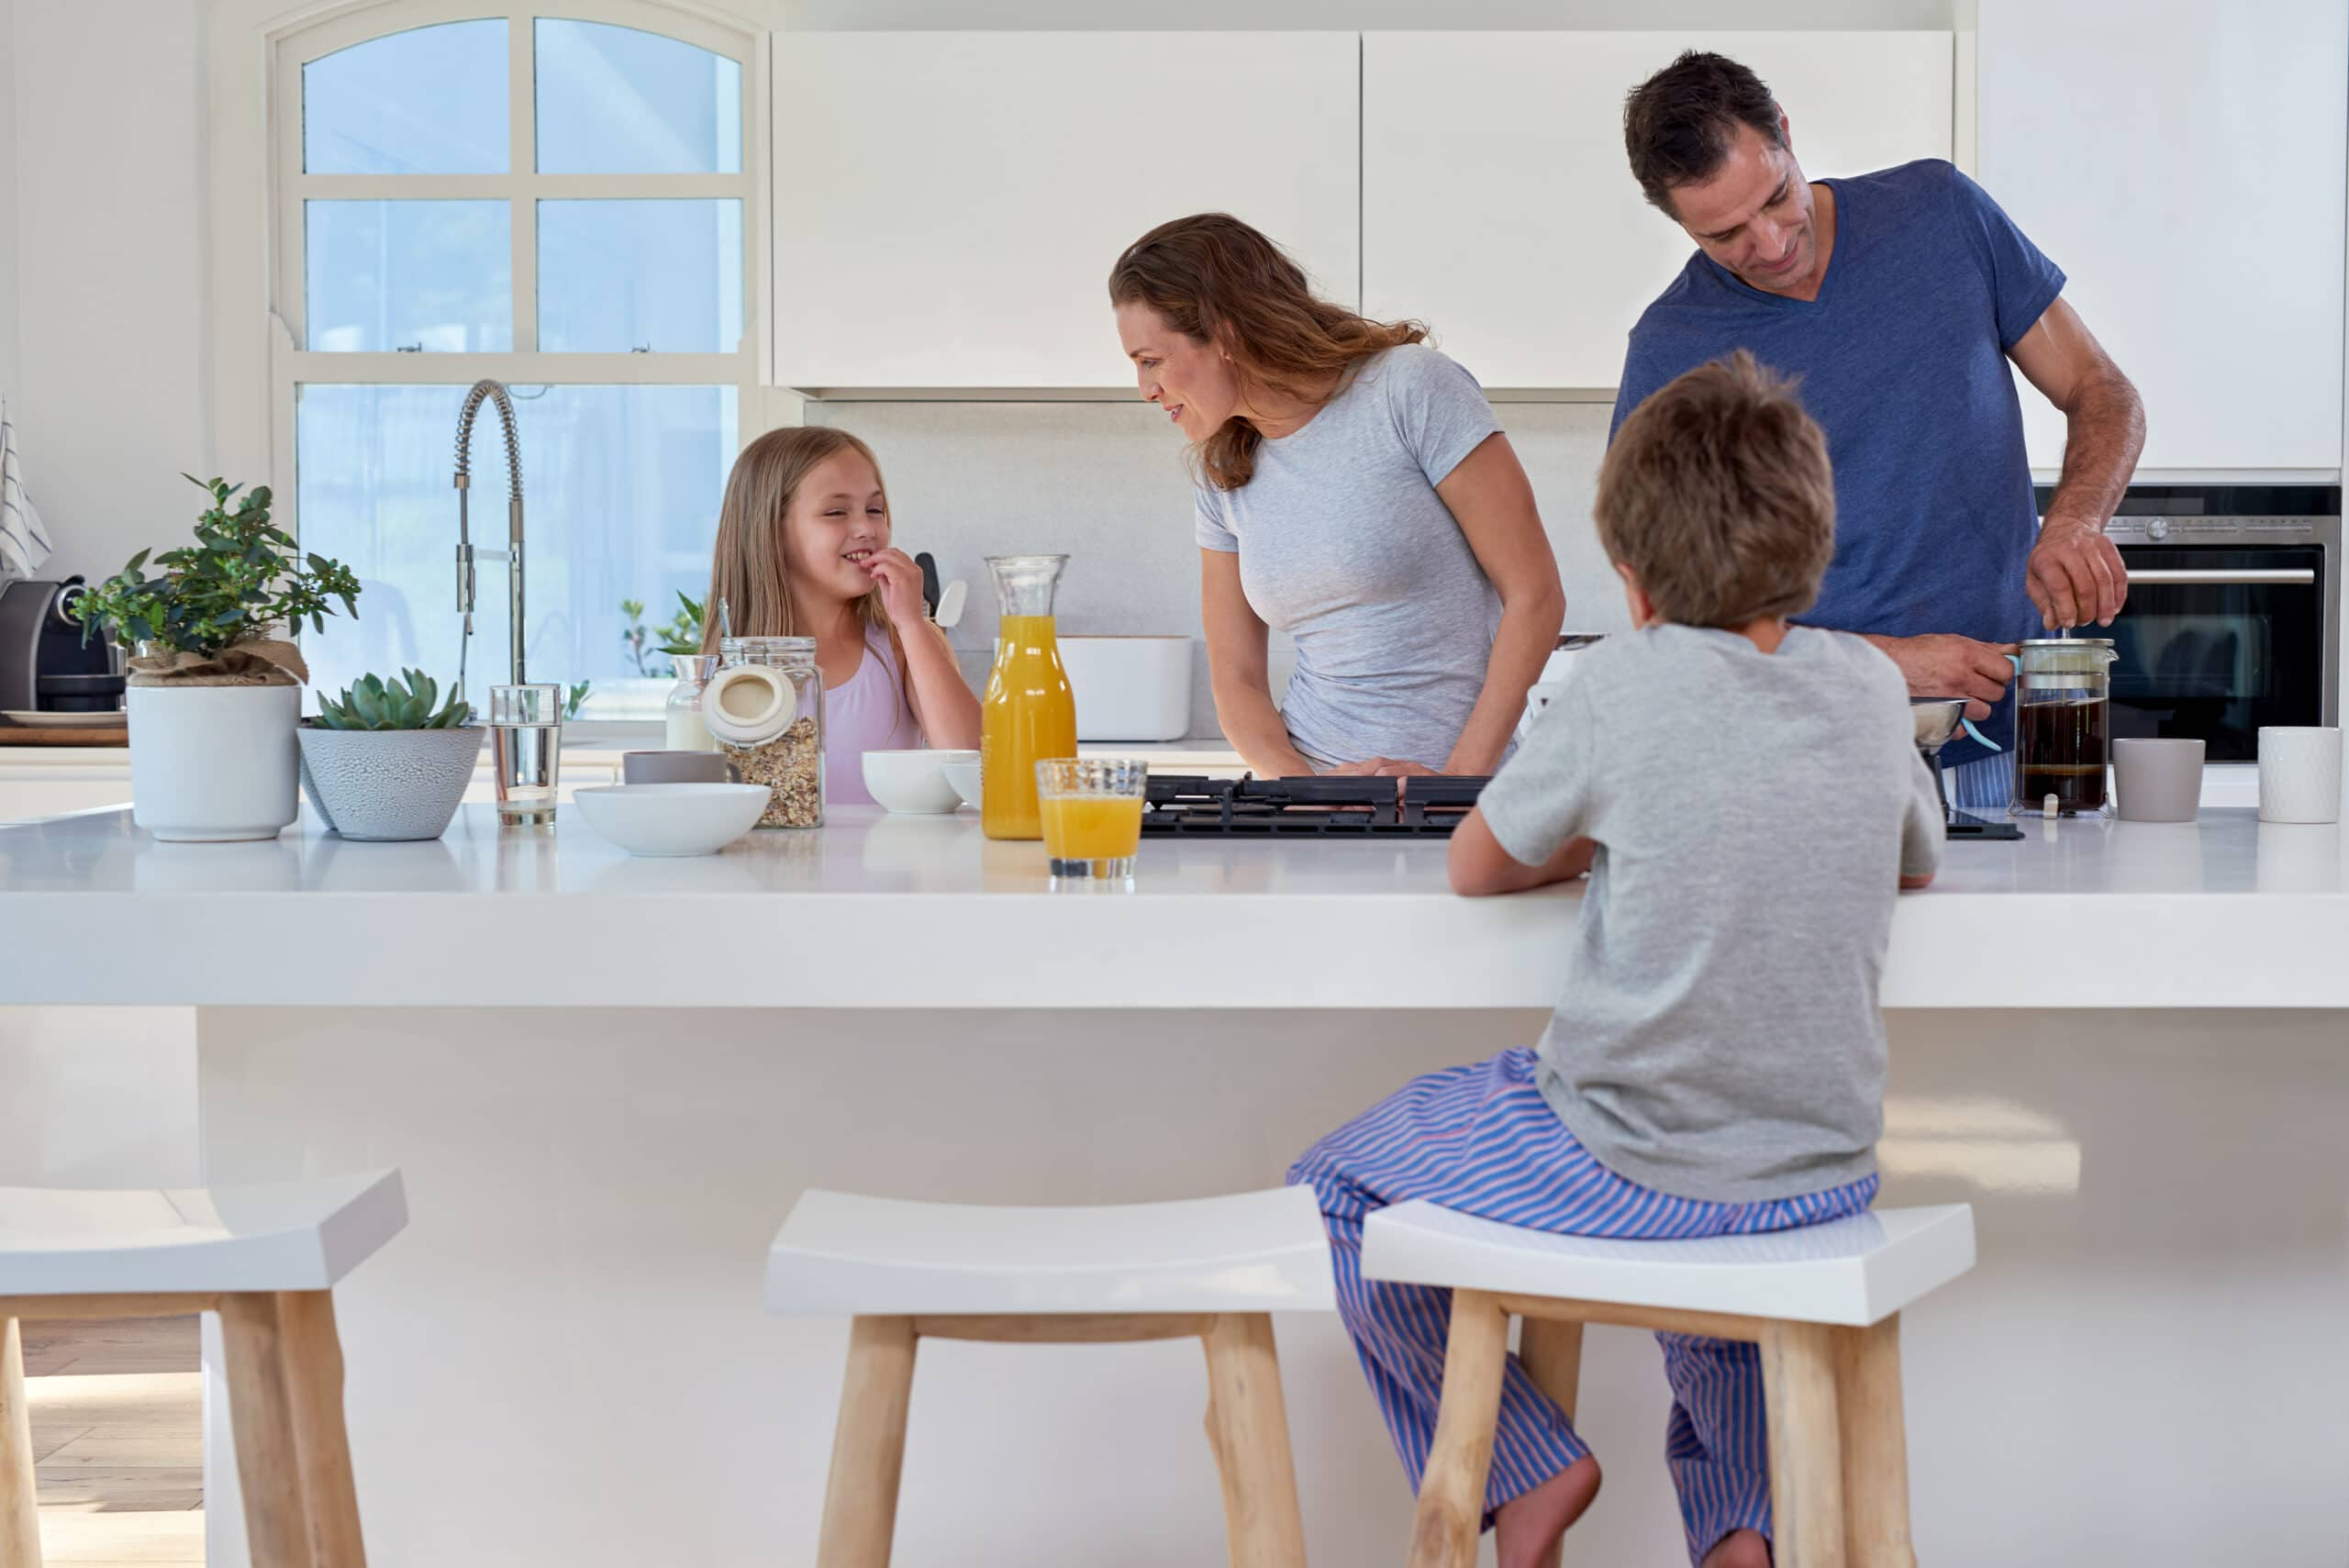 תמונת מטבח מודרני לרווחת המשפחה דגם 11 DS